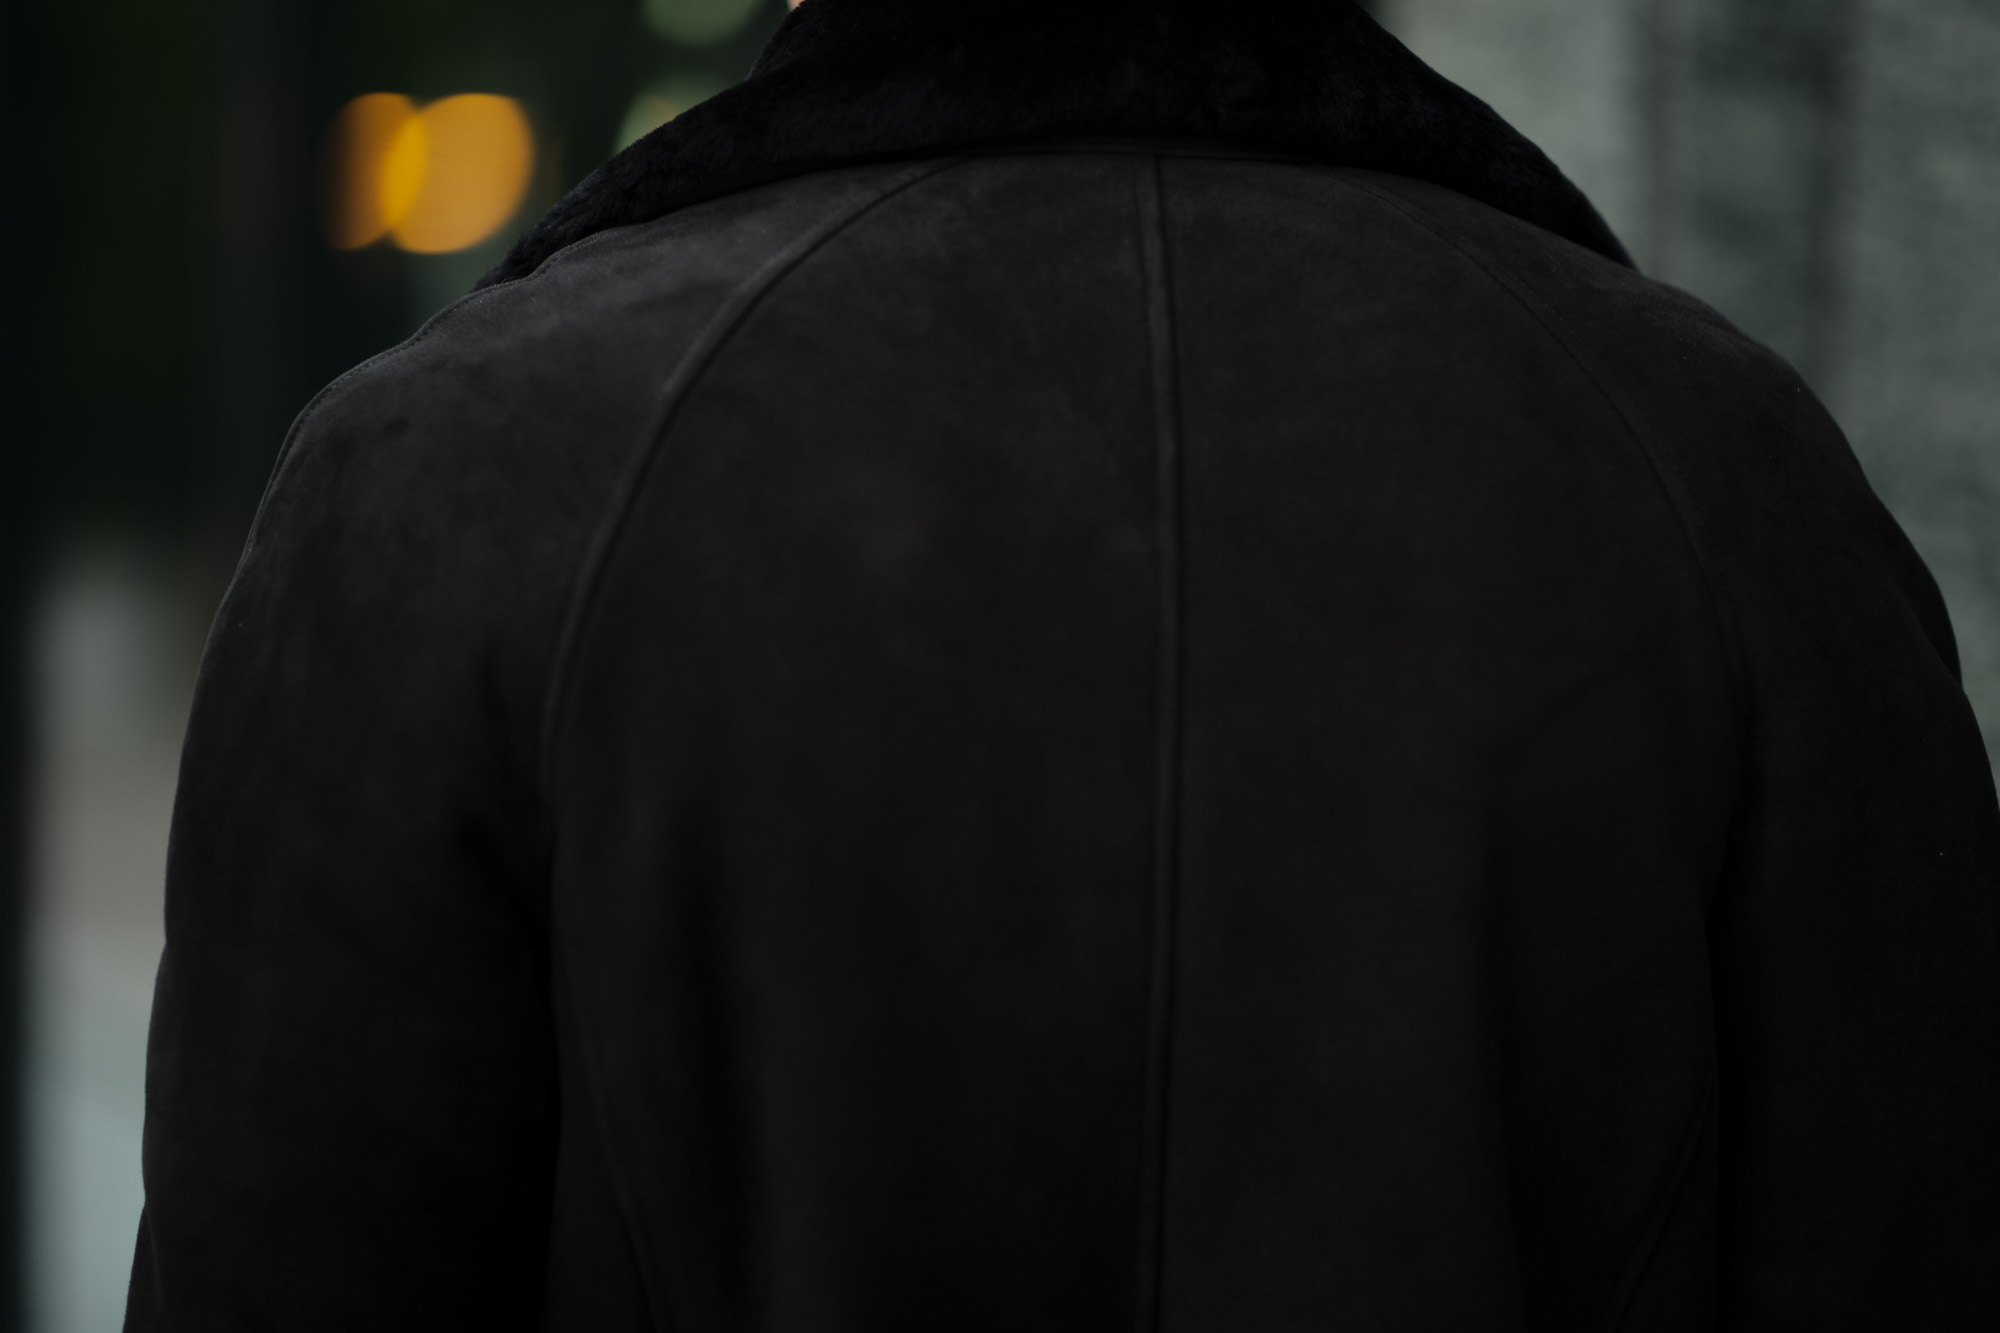 EMMETIエンメティ COOPER クーパー Merino Mouton メリノ ムートン ムートン ベルテッド ダブルコート NERO ブラック イタリア製 2020 秋冬新作 入荷しました フリー分発売開始 愛知 名古屋 Alto e Diritto アルトエデリット